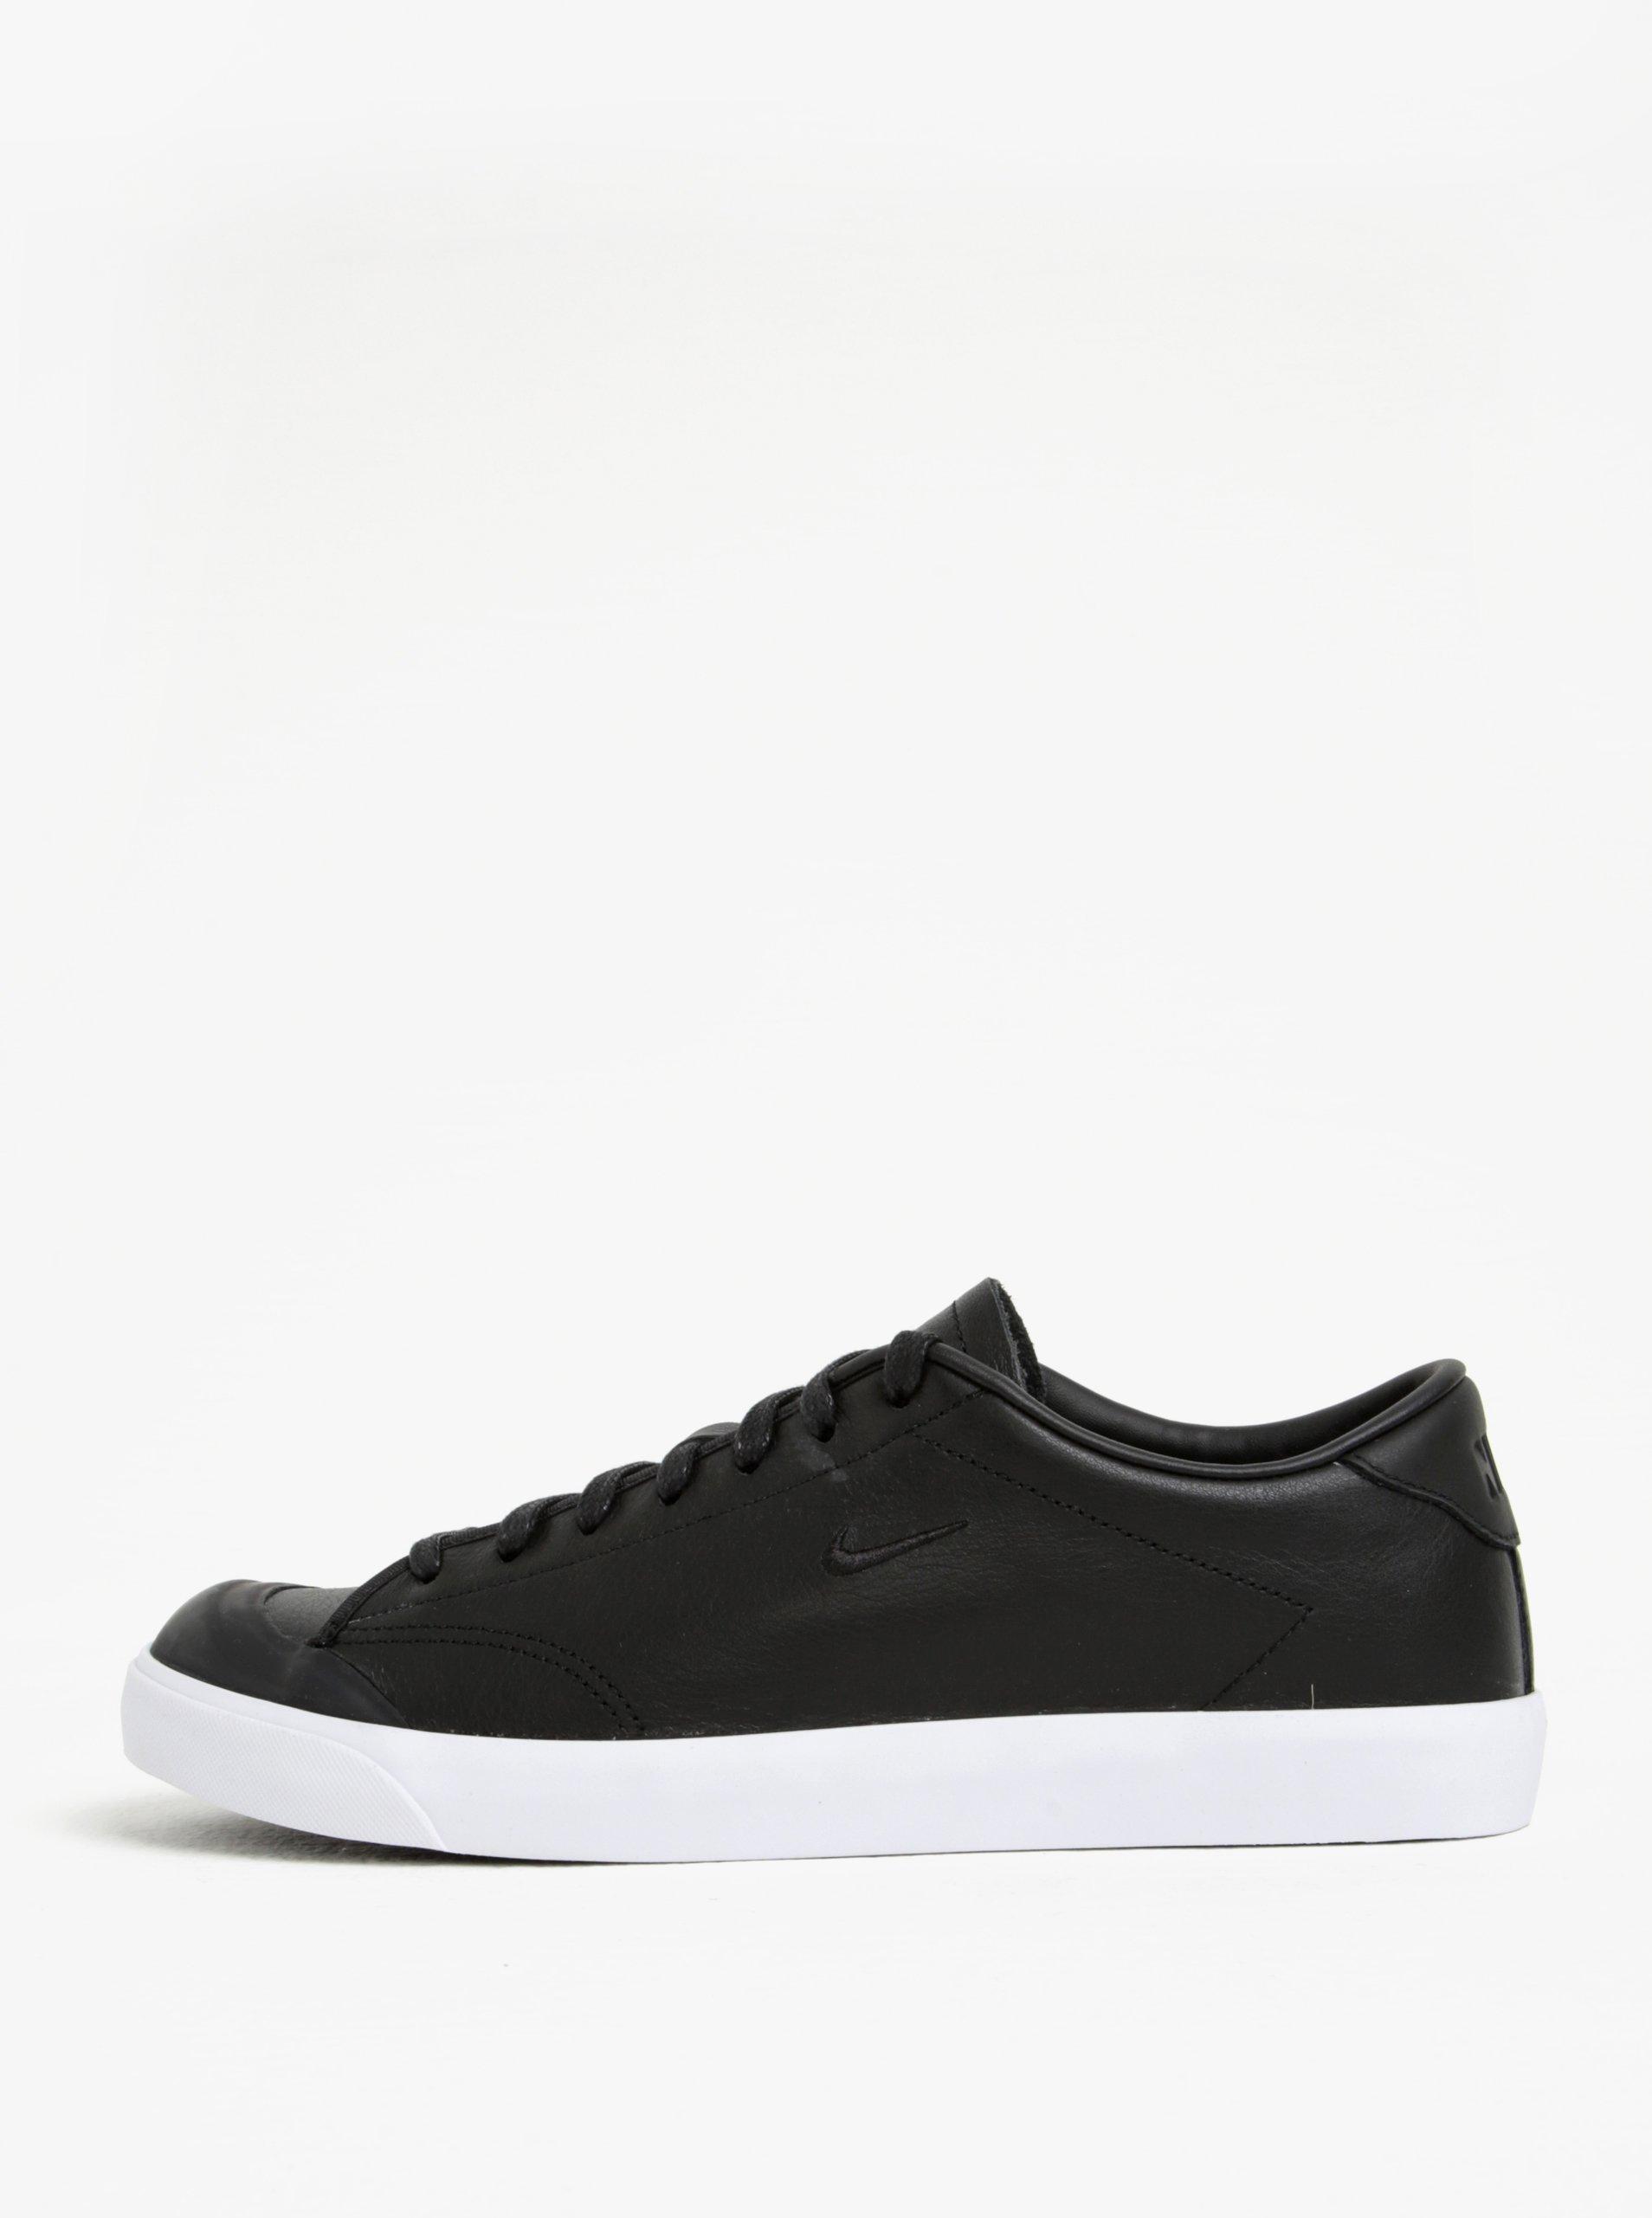 352dc42d24e Čierne pánske kožené tenisky Nike All Court 2 Low